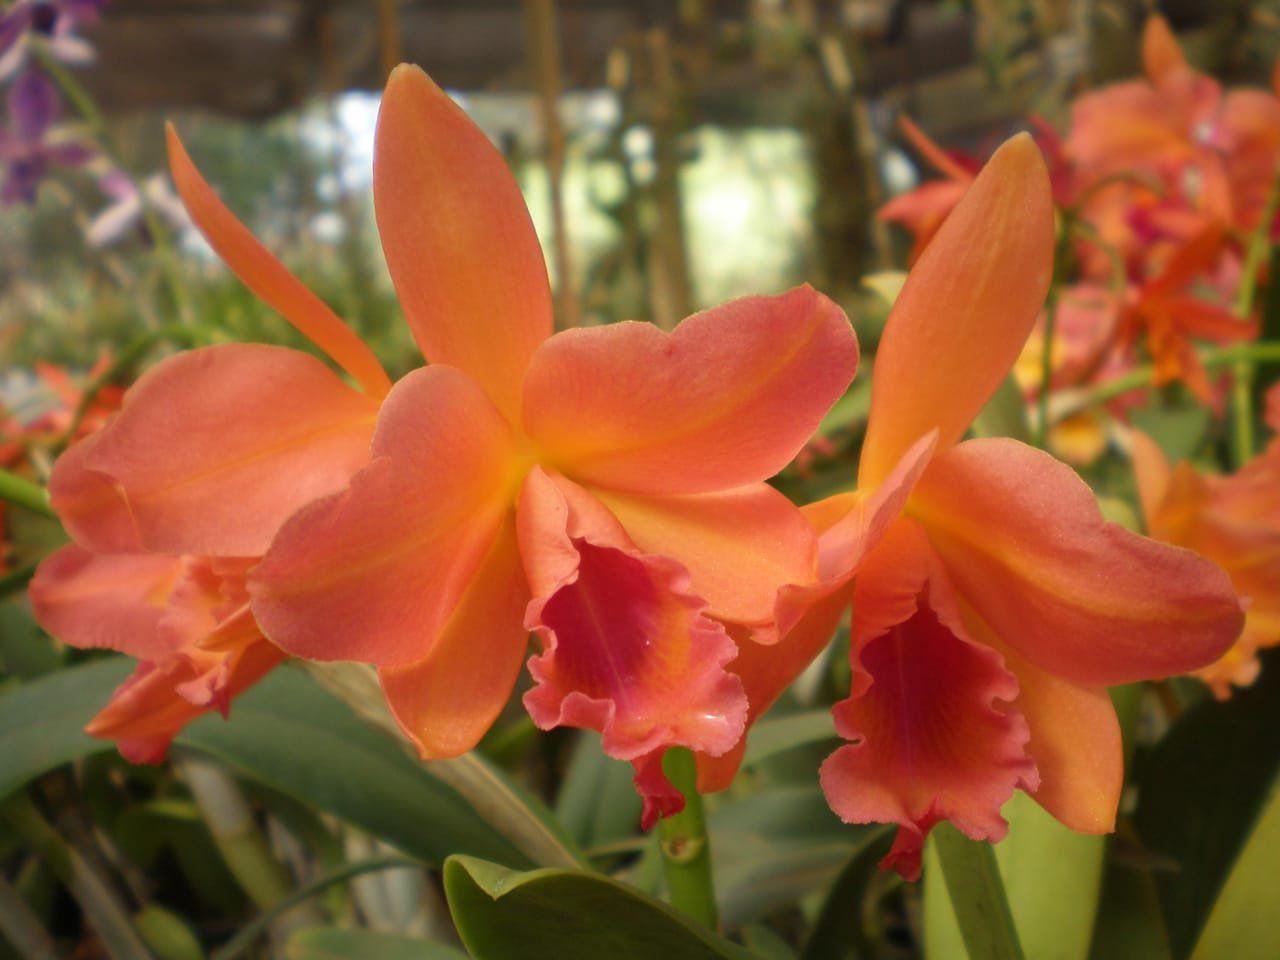 Muda de Orquídea Blc Turandot x Blc Orange Show Cloud Forrest SG-7363